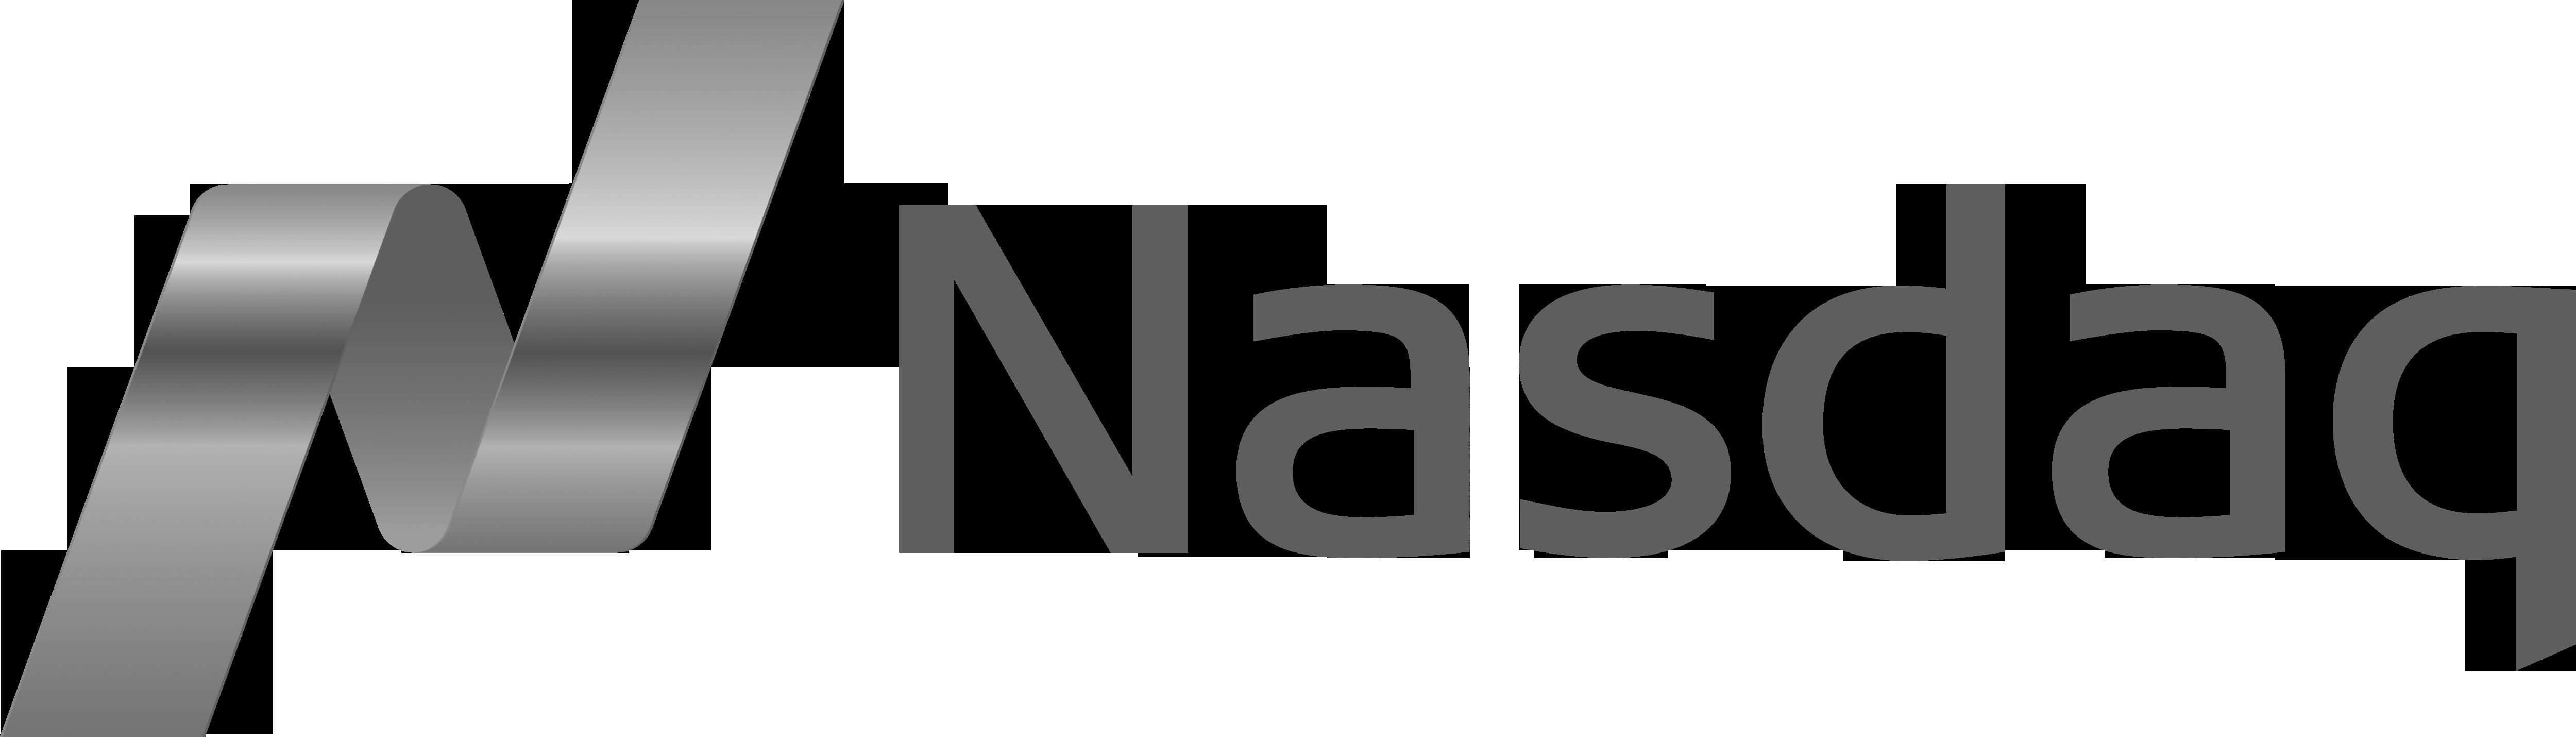 Nasdaq_logo_logotype